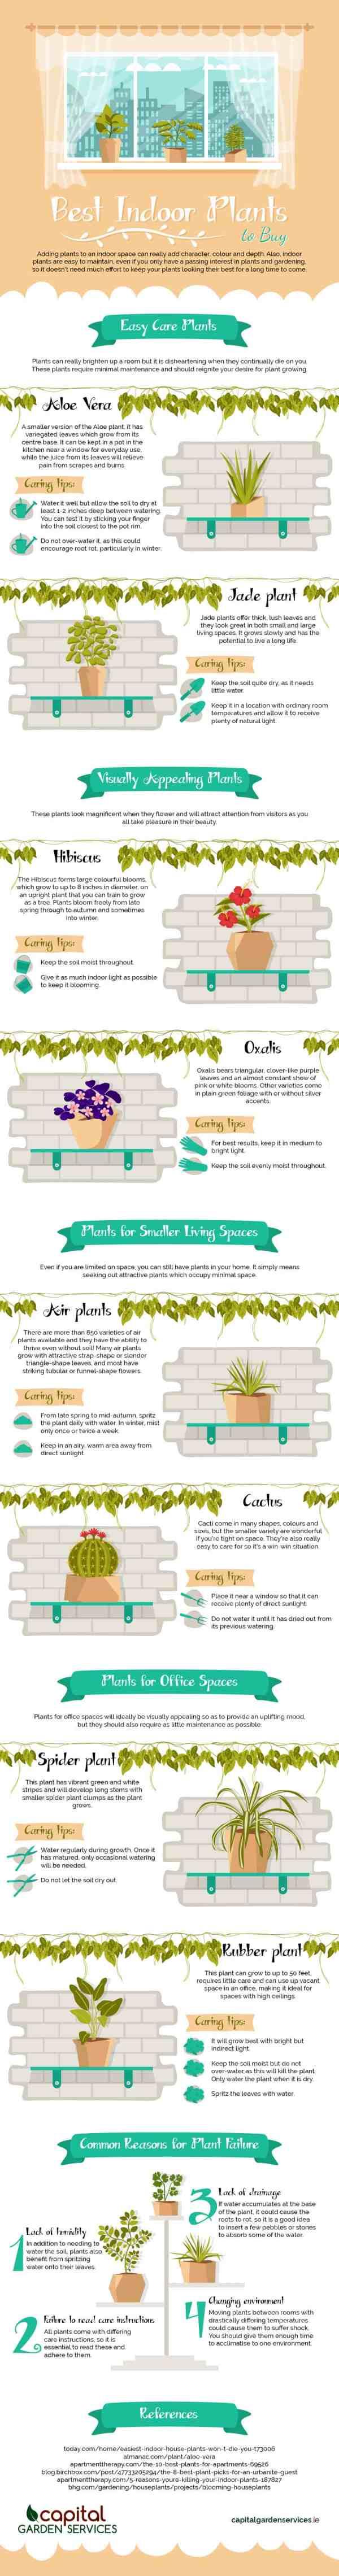 best-indoor-plants-infographic